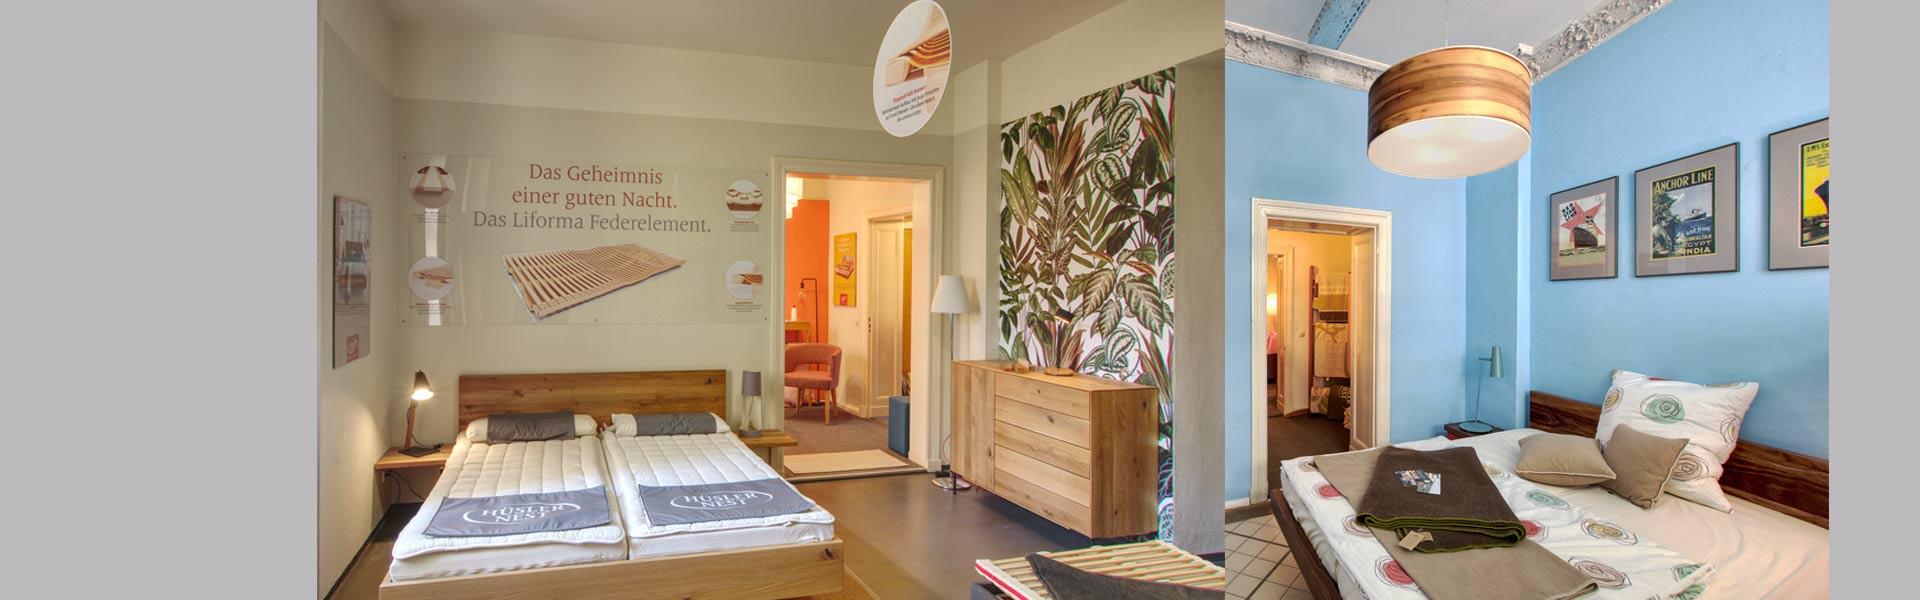 Ausstellungsbetten im Hüsler Nest Studio